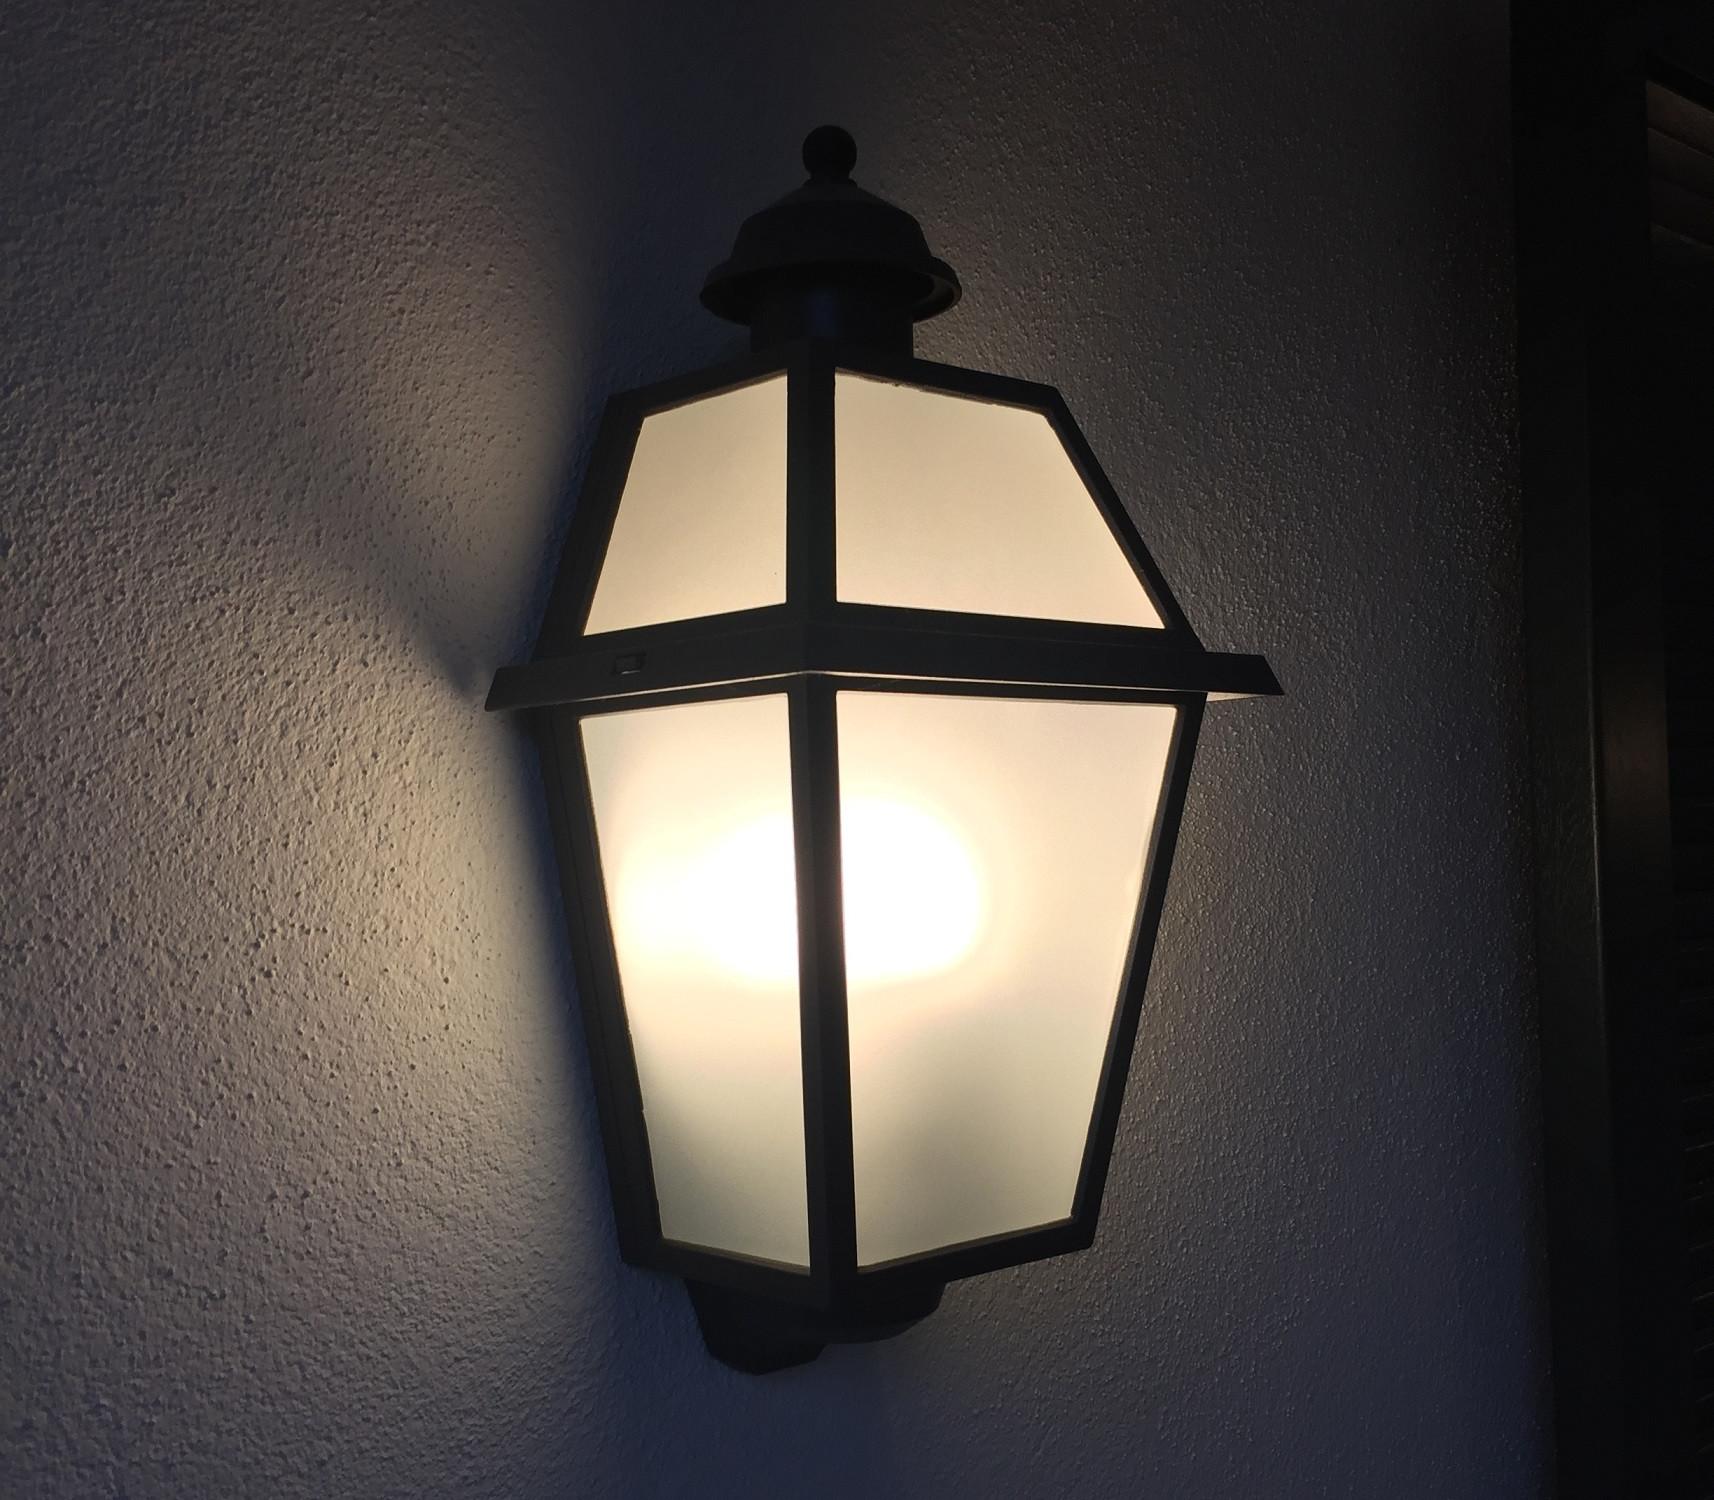 mediterrane leuchten mediterrane leuchte au enleuchte. Black Bedroom Furniture Sets. Home Design Ideas